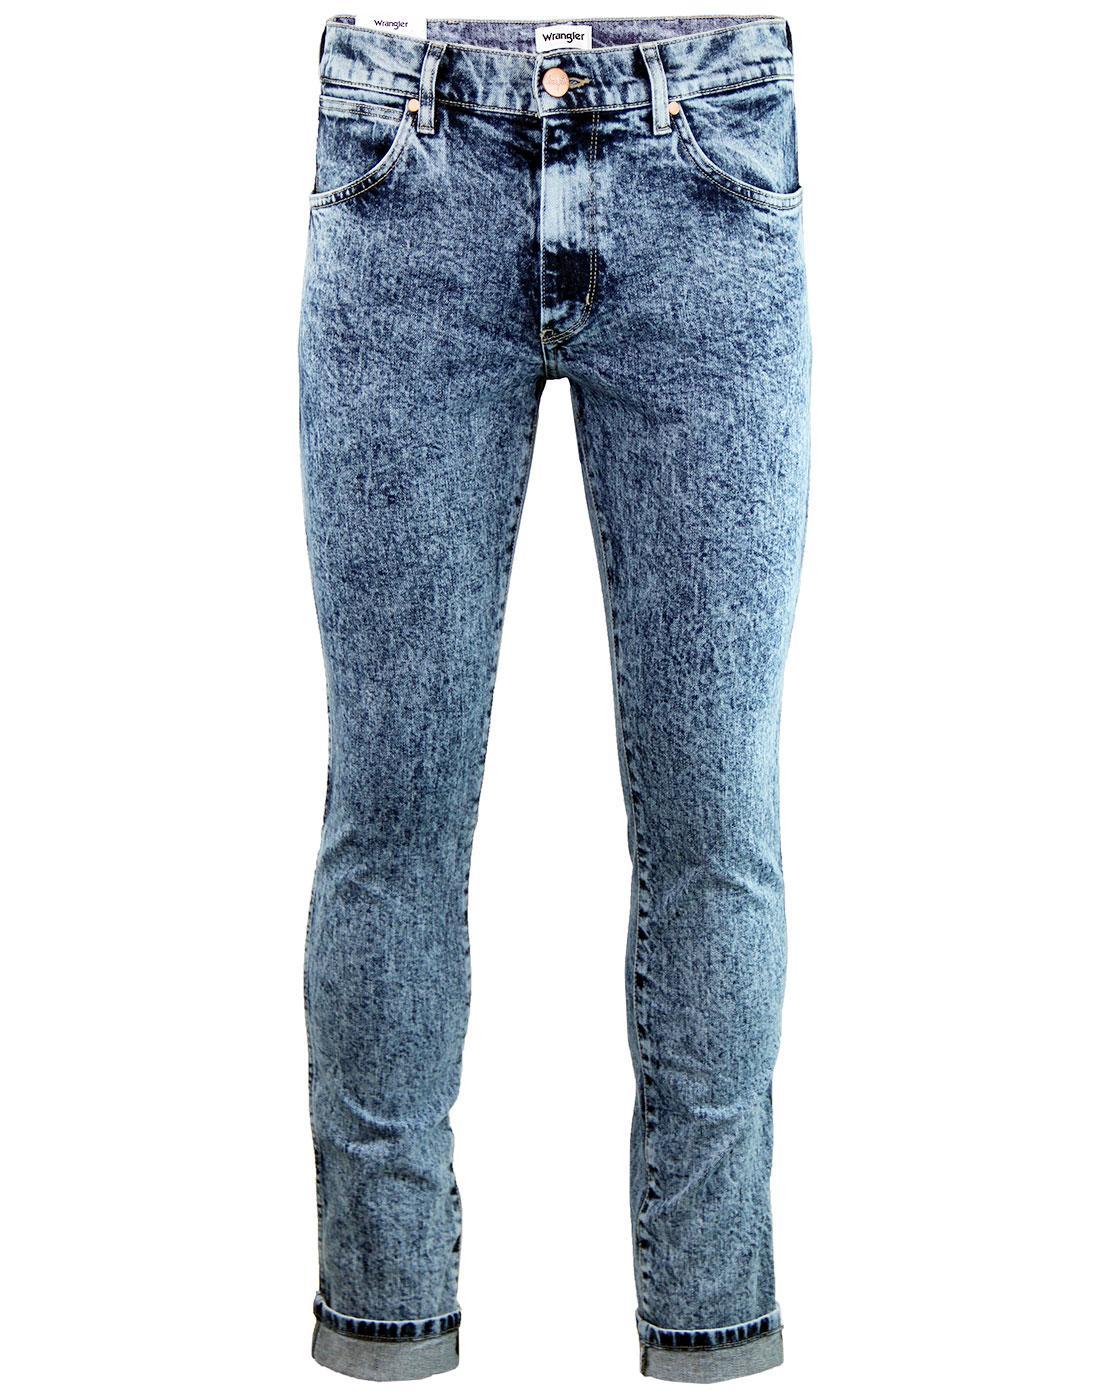 Larston WRANGLER Men's Slim Tapered Snowash Jeans